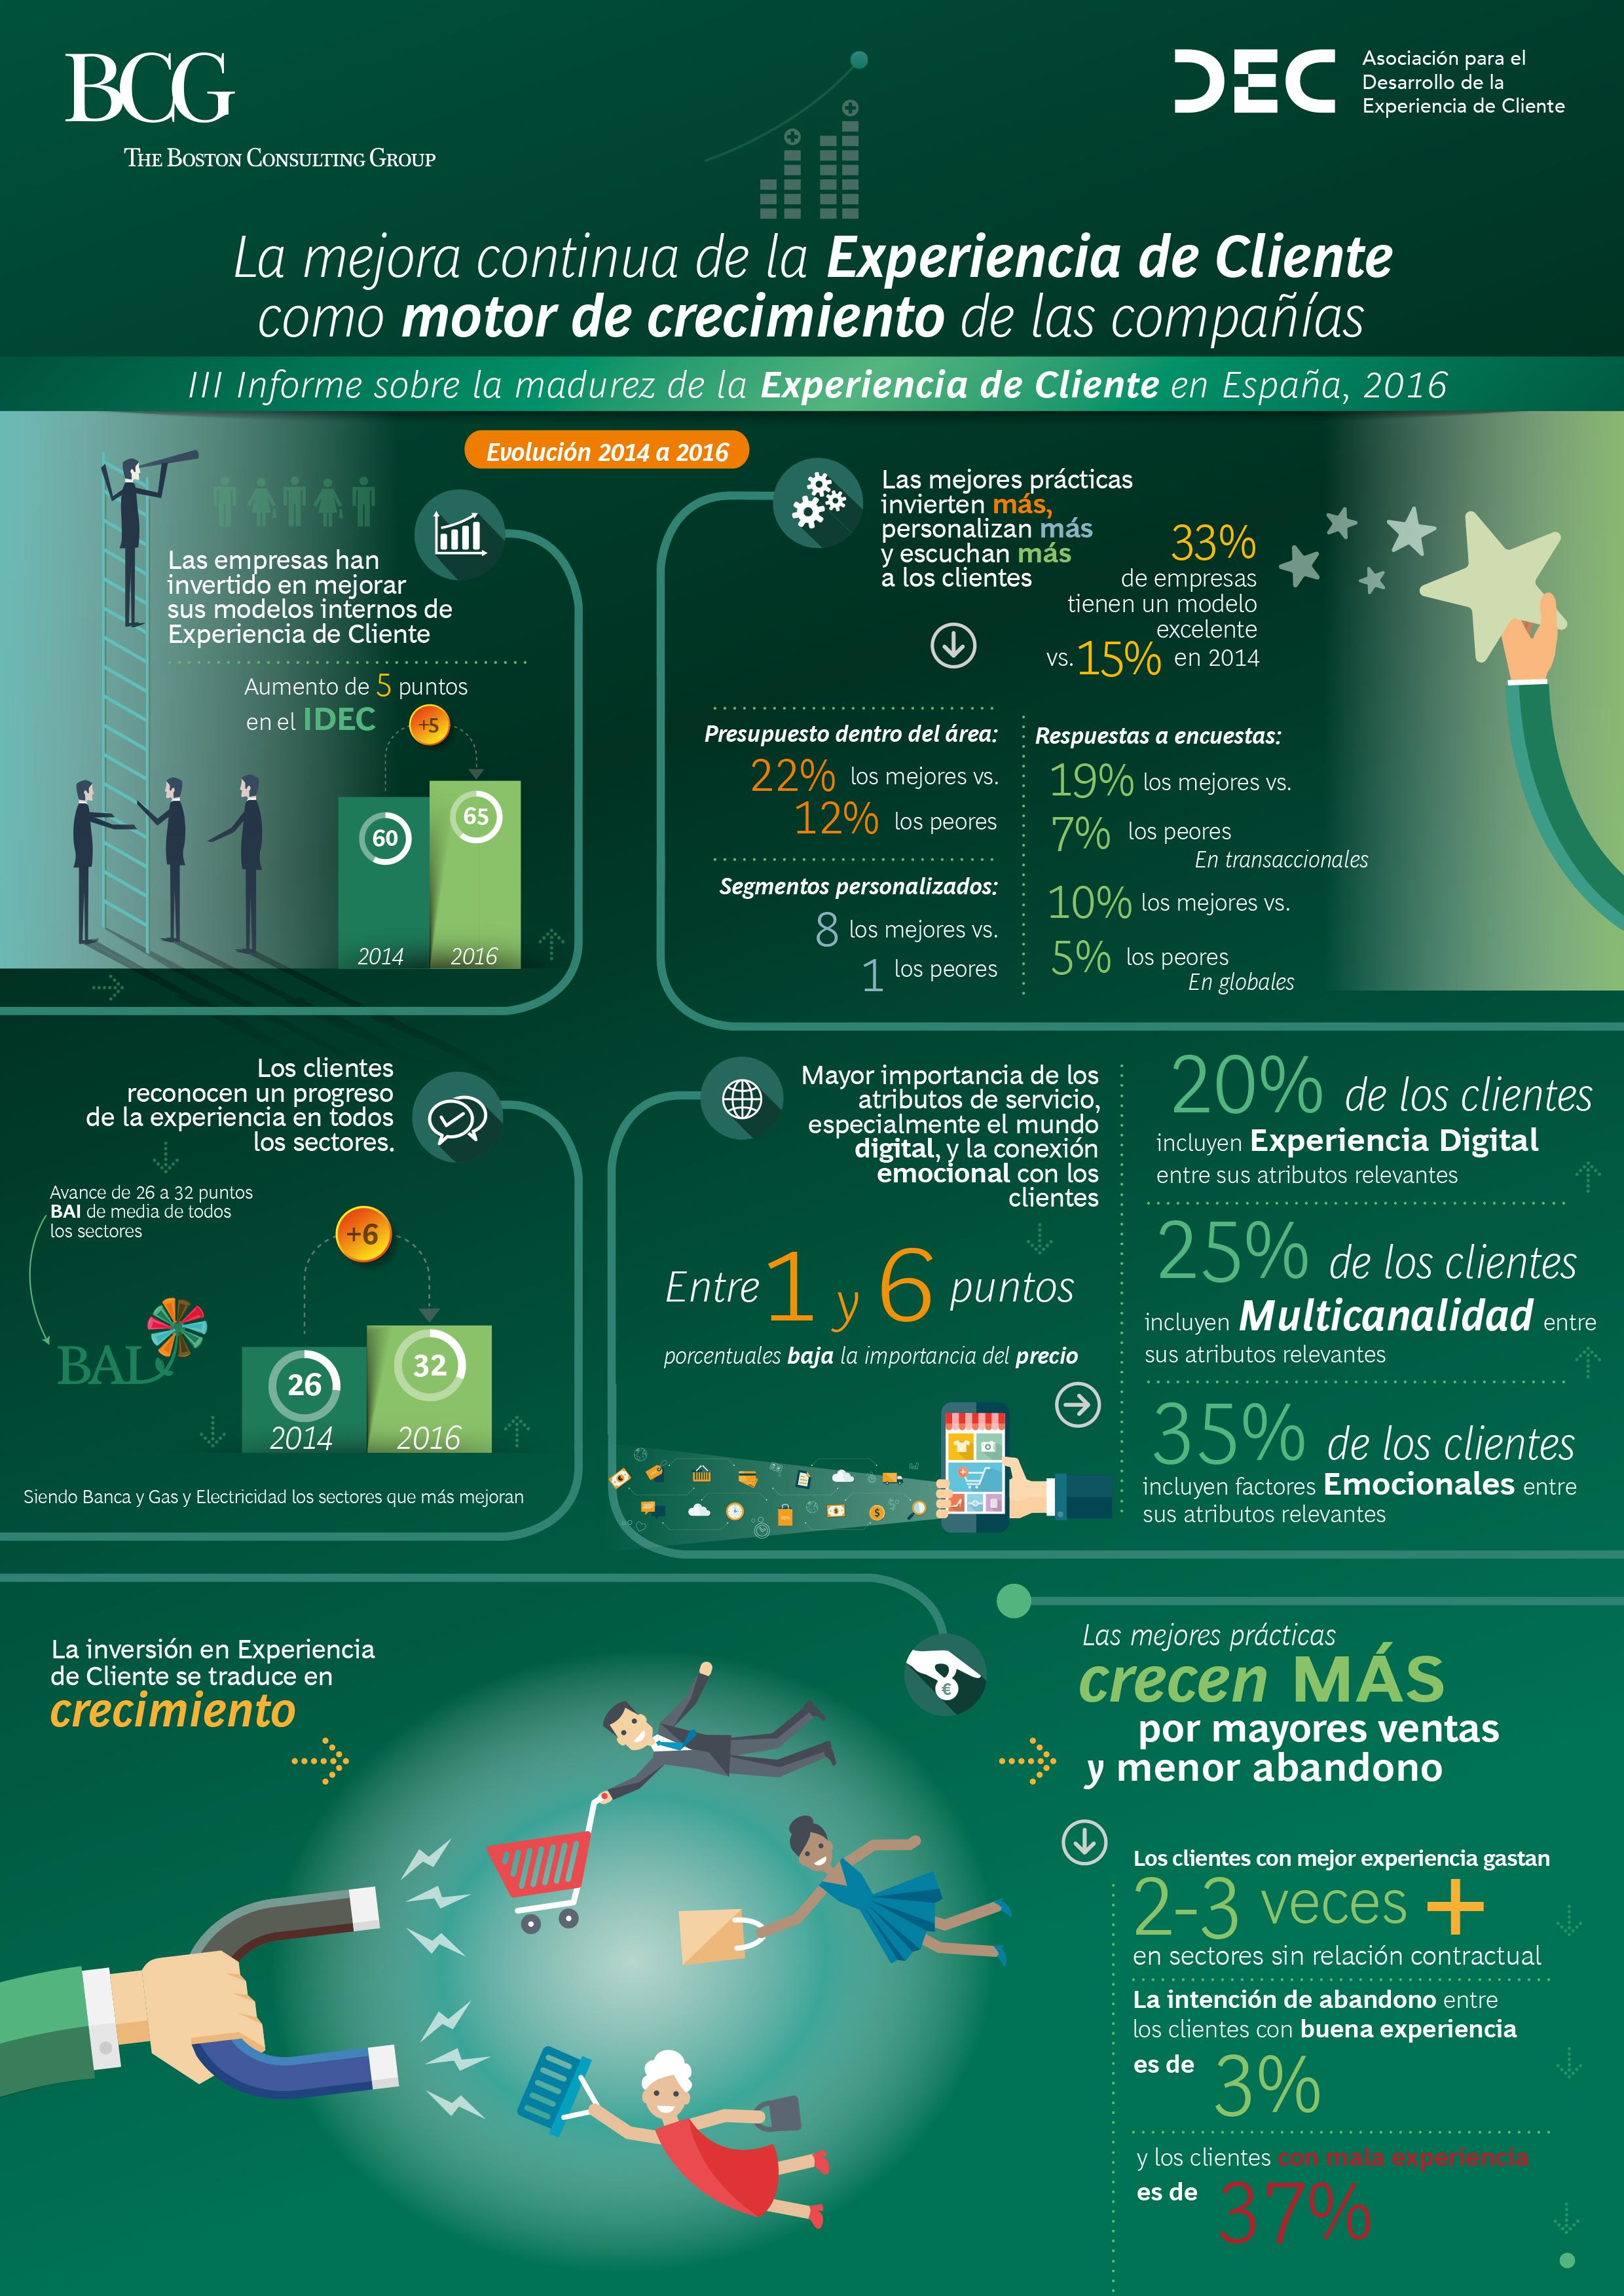 Infografia_BCG_DEC_V2